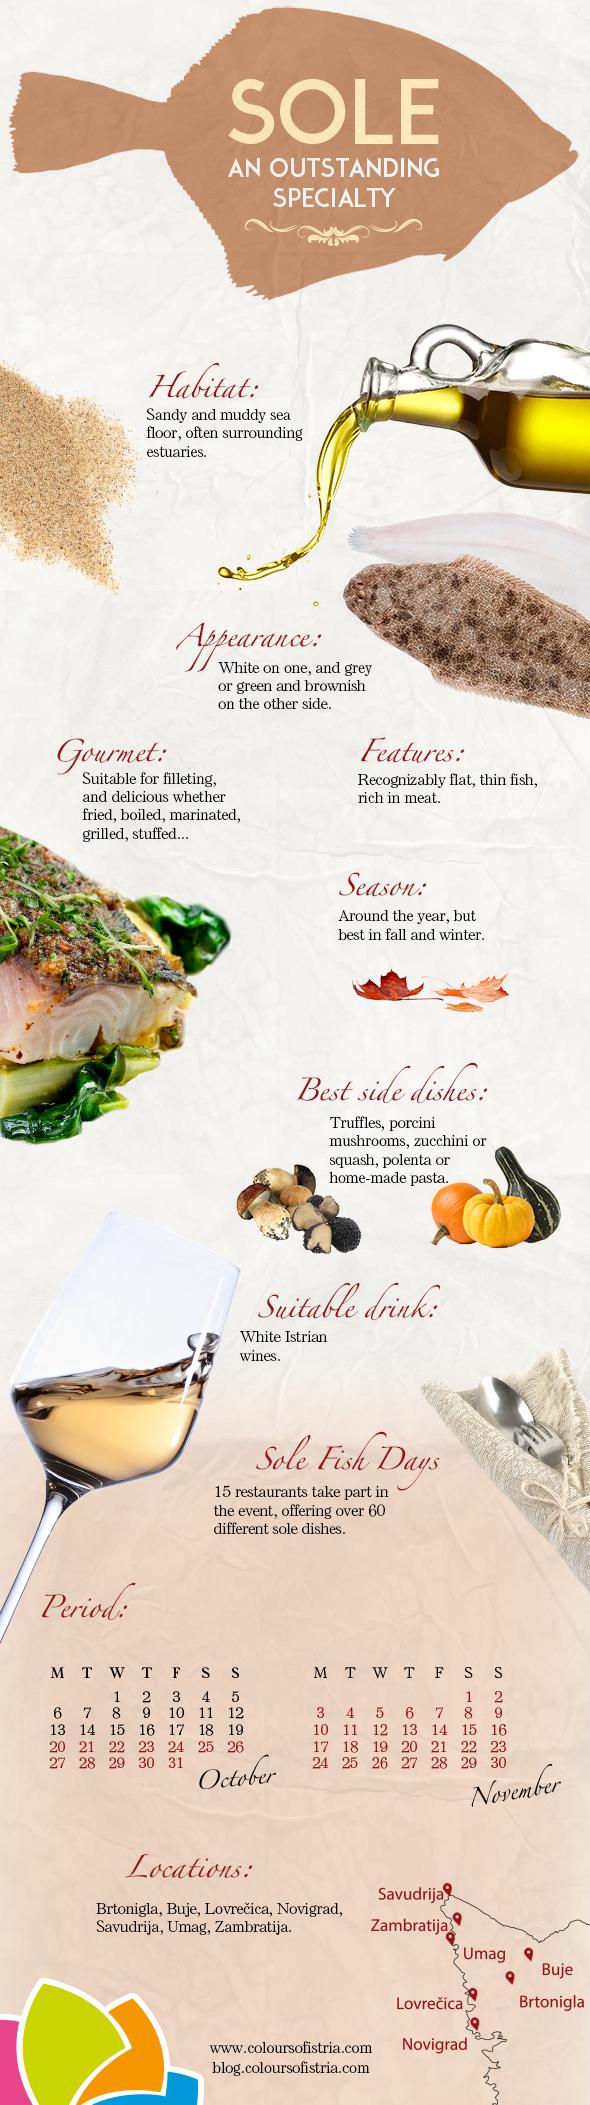 Sole_Fish_Days_Northwestern_Istria_Infographic